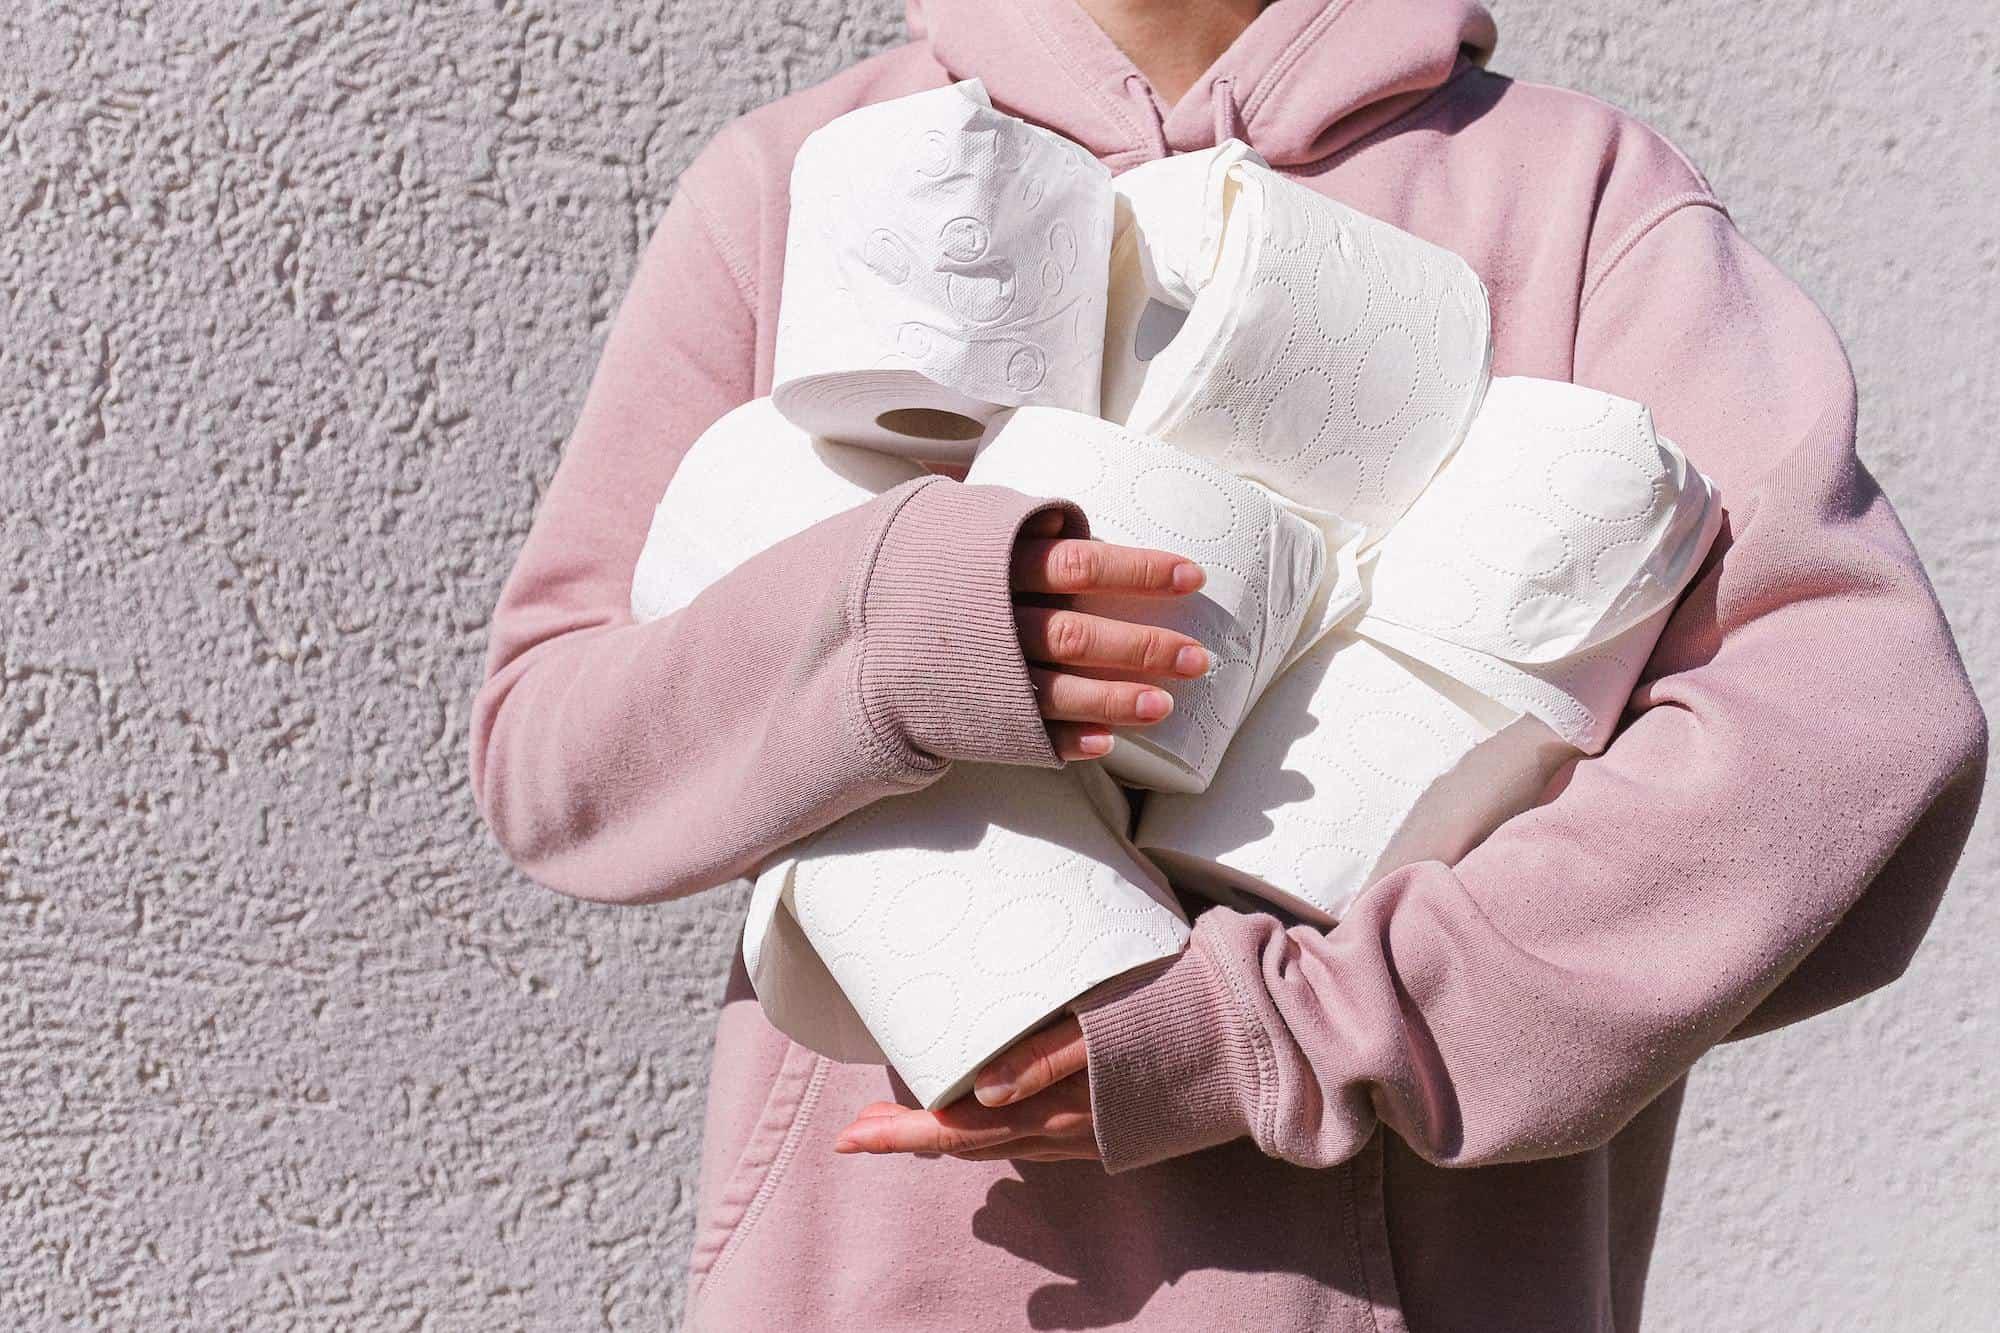 Girl holding toilet roll